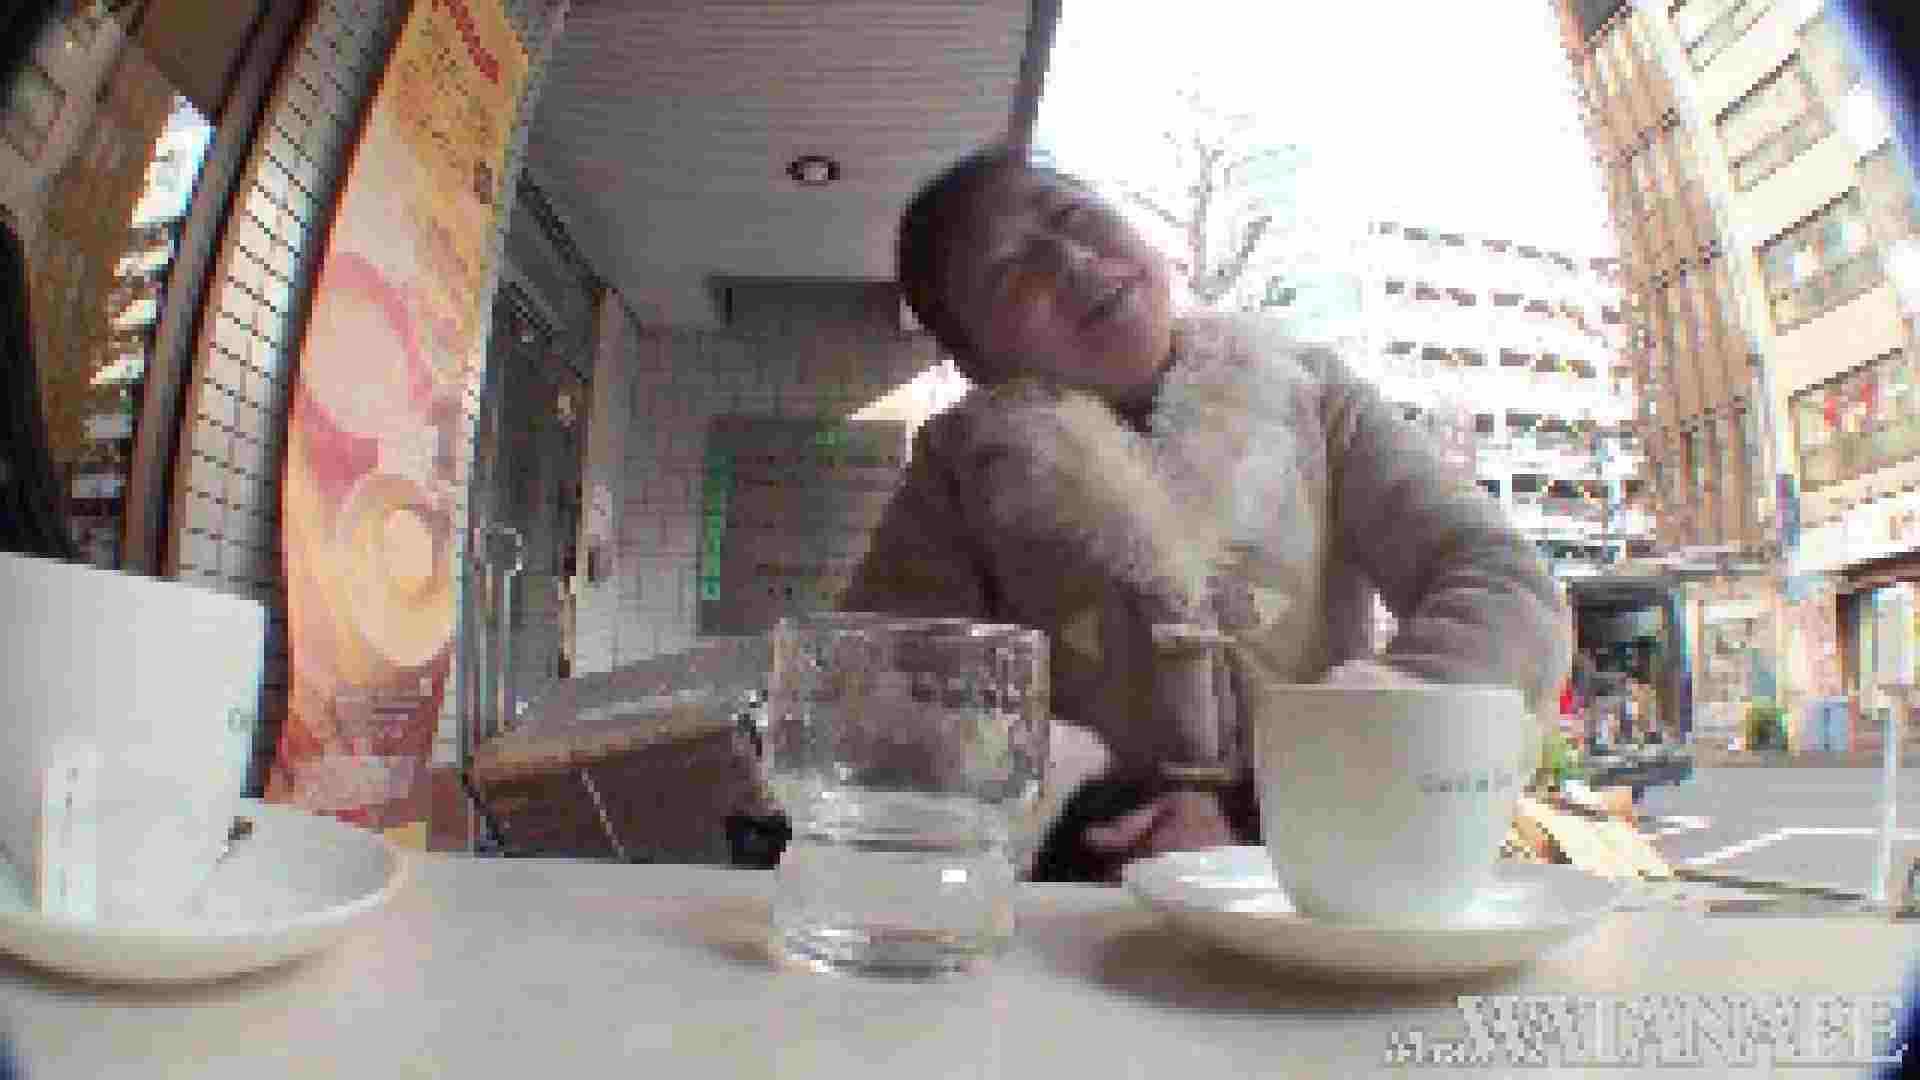 撮影スタッフを誘惑する痴熟女 かおり40歳 Vol.01 素人 オマンコ動画キャプチャ 82pic 73